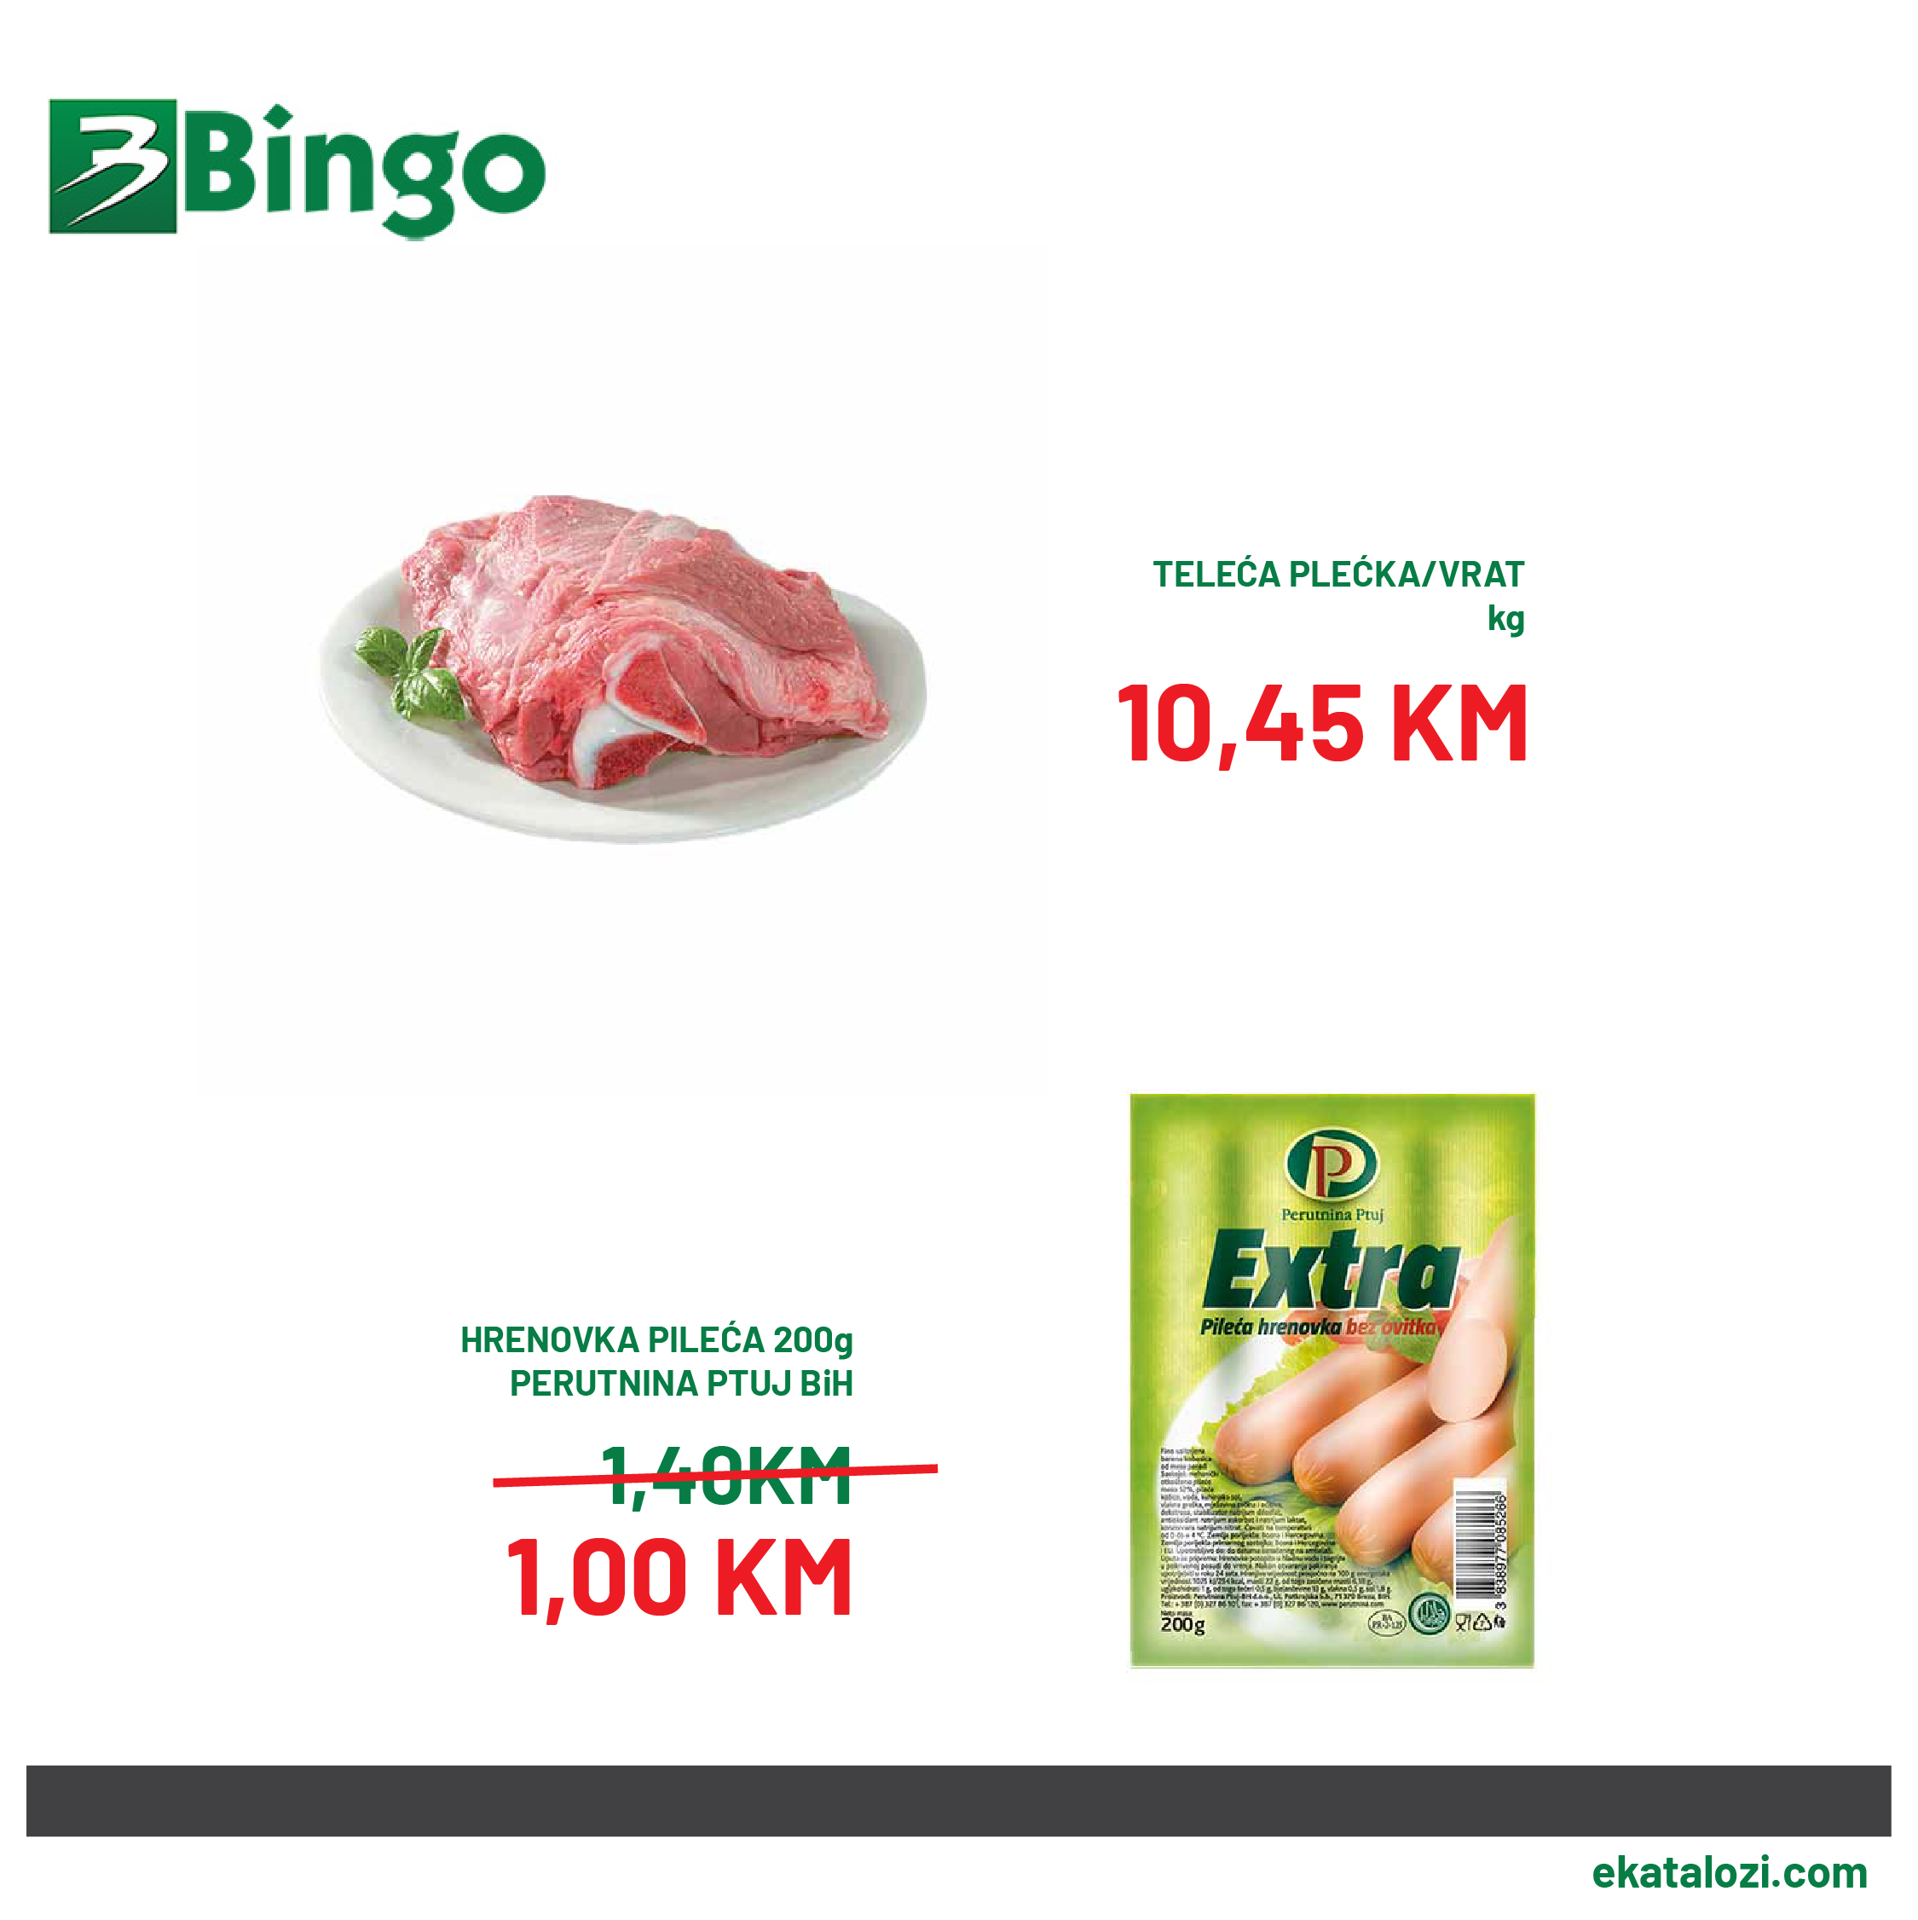 BINGO Super akcija AVGUST 22.8.2021. 25.8.2021 2